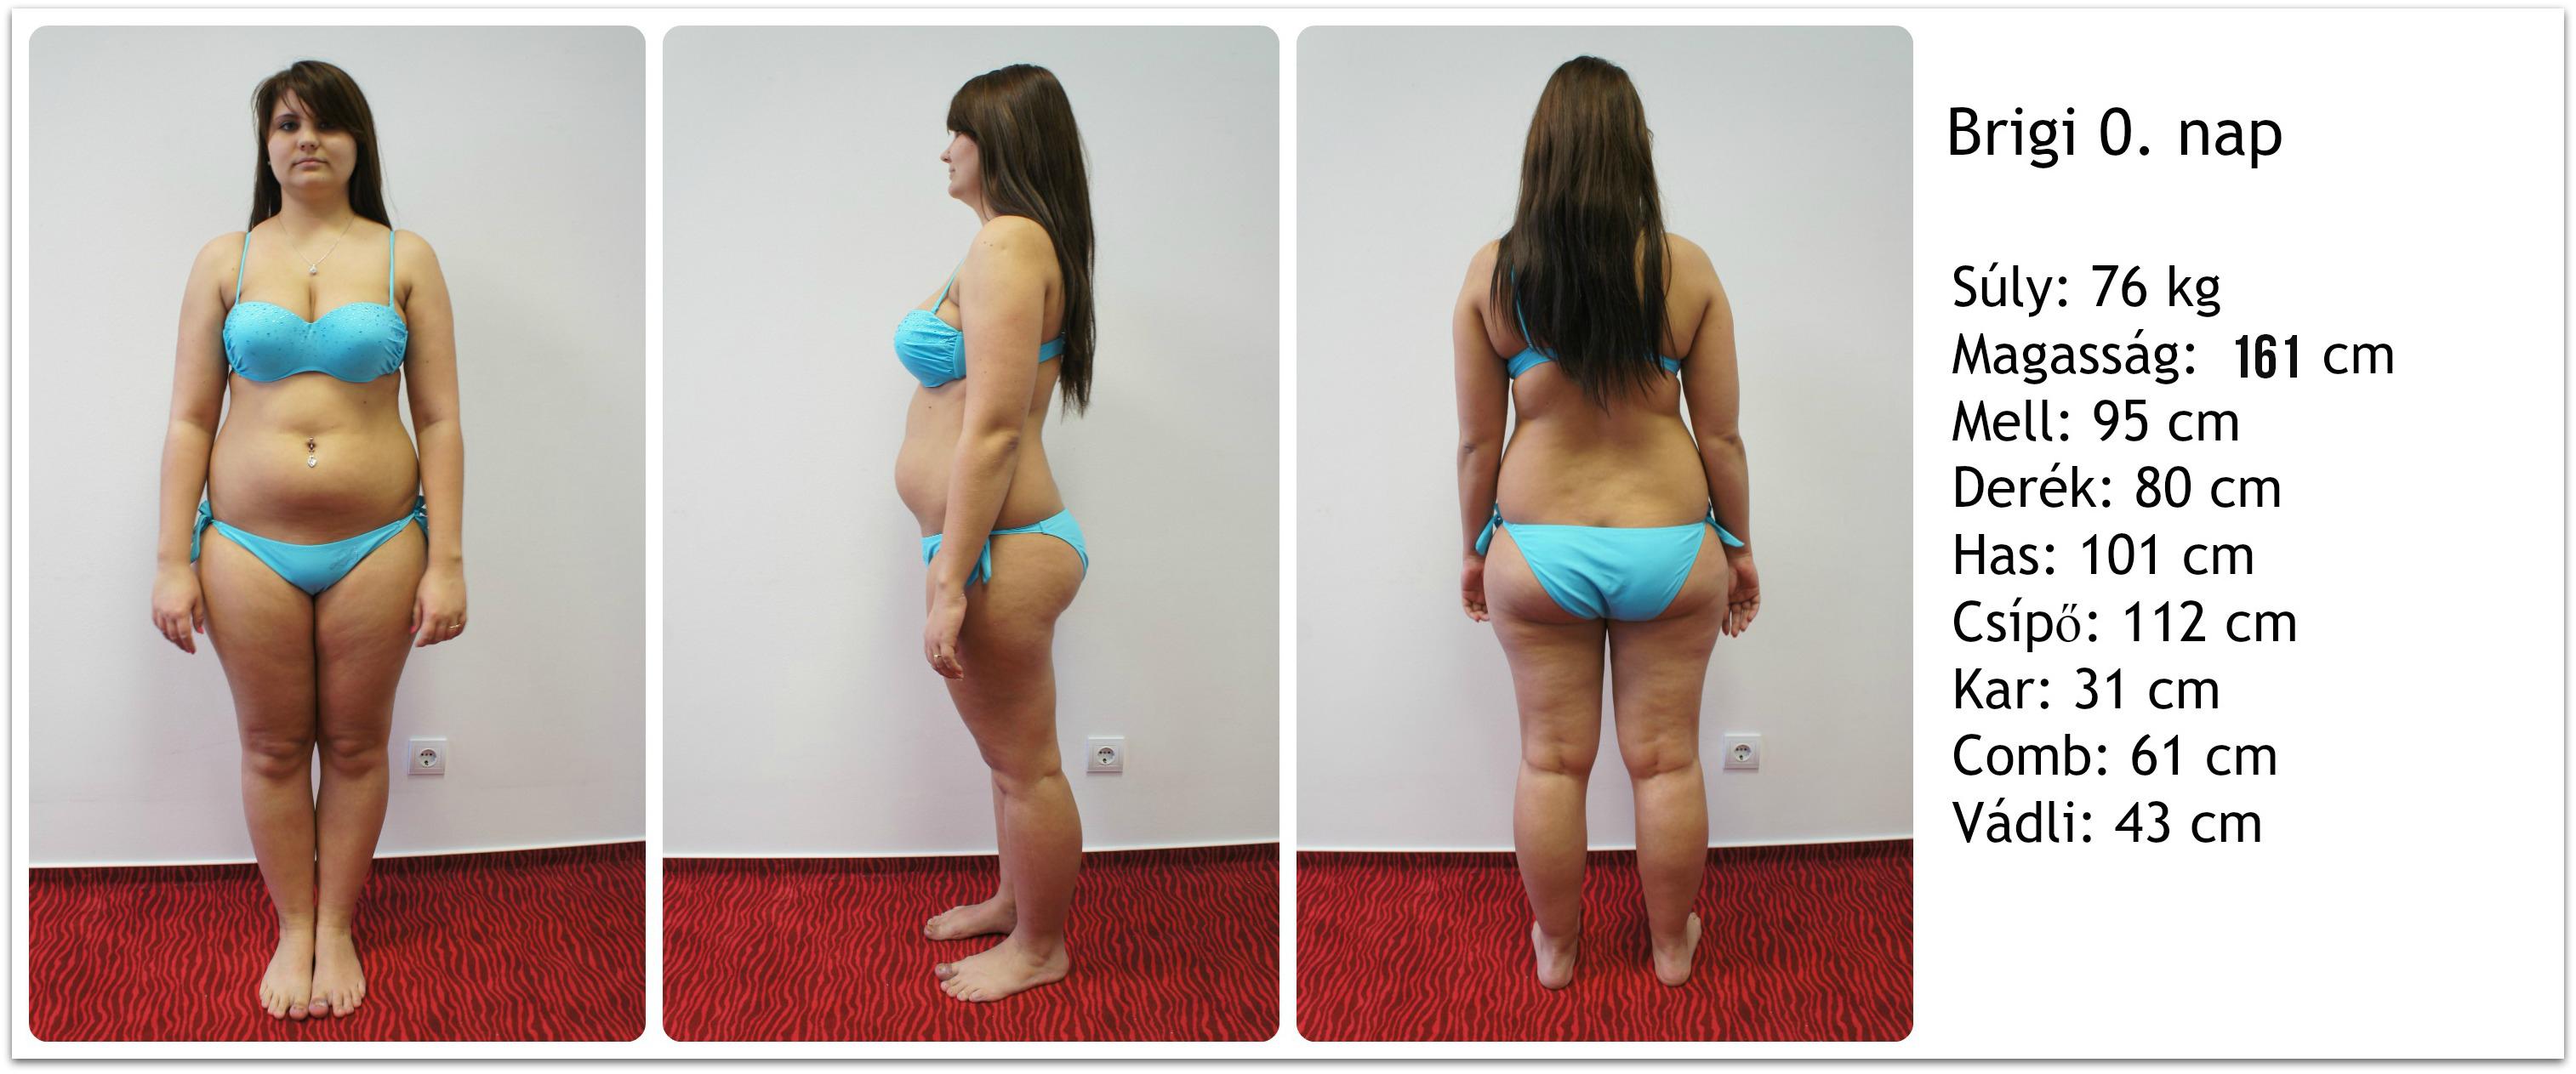 Fogyni 10kg, 10 kiló fogyás - Fogyókúra | Femina